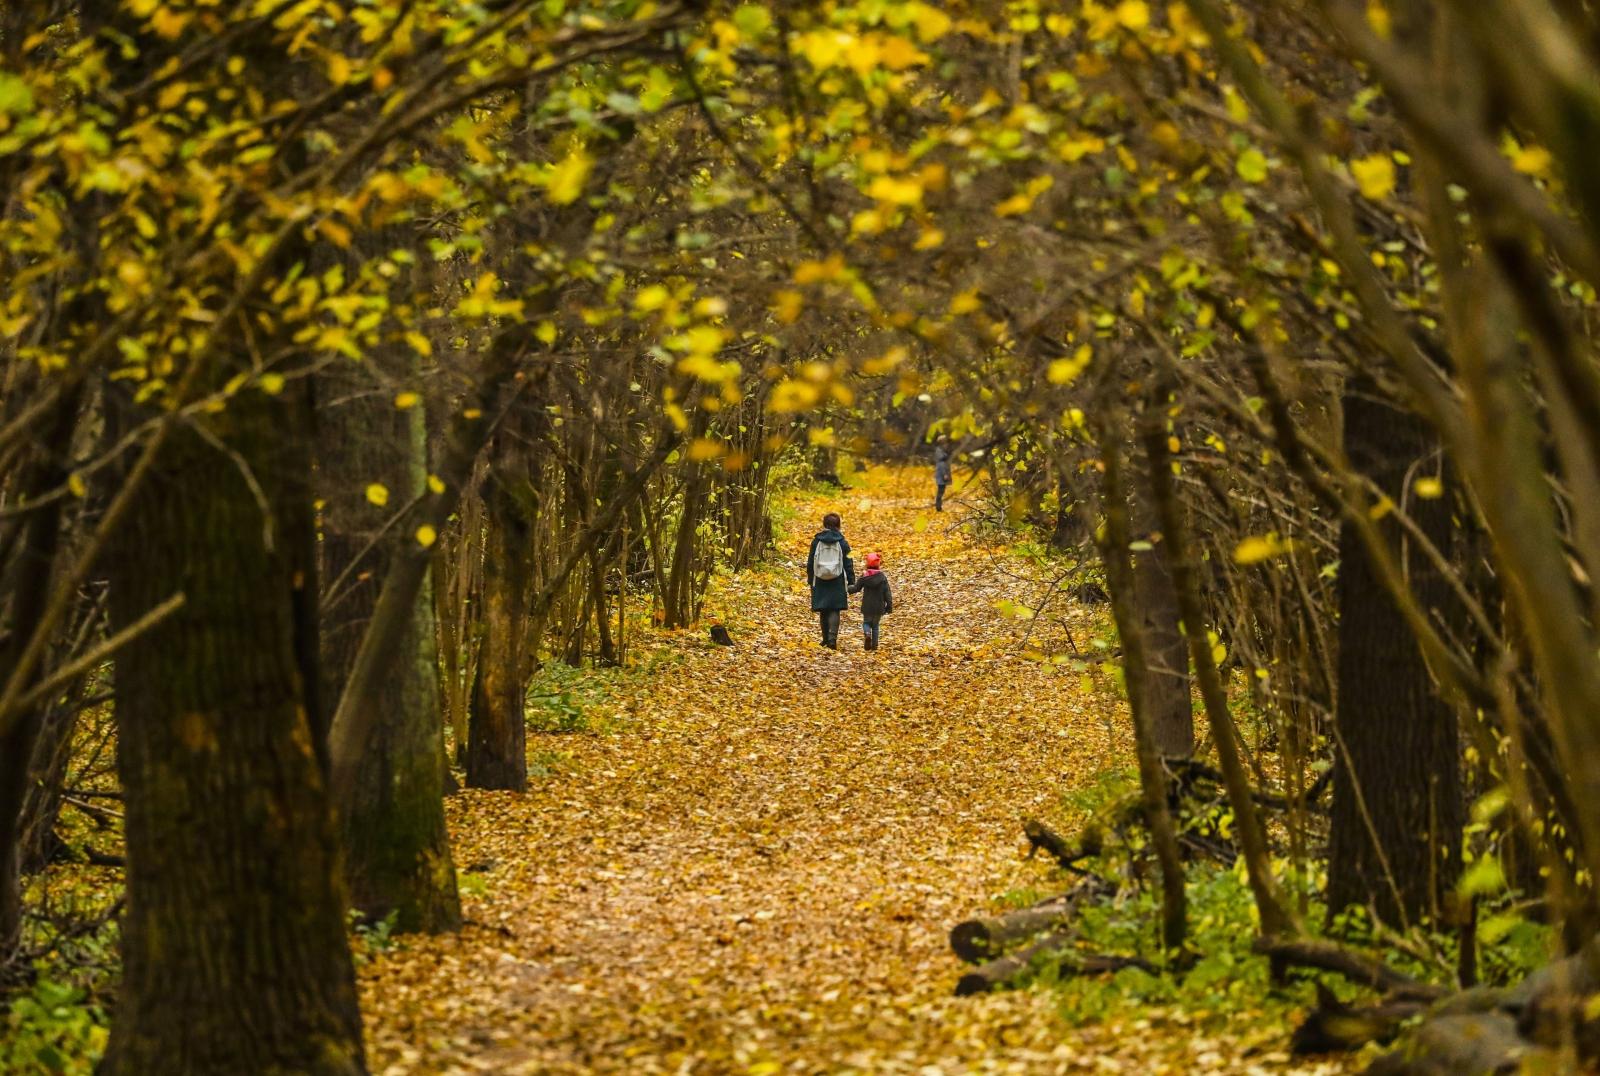 Ludzie przechadzają się wśród liści po parku Ostankino w Moskwie.